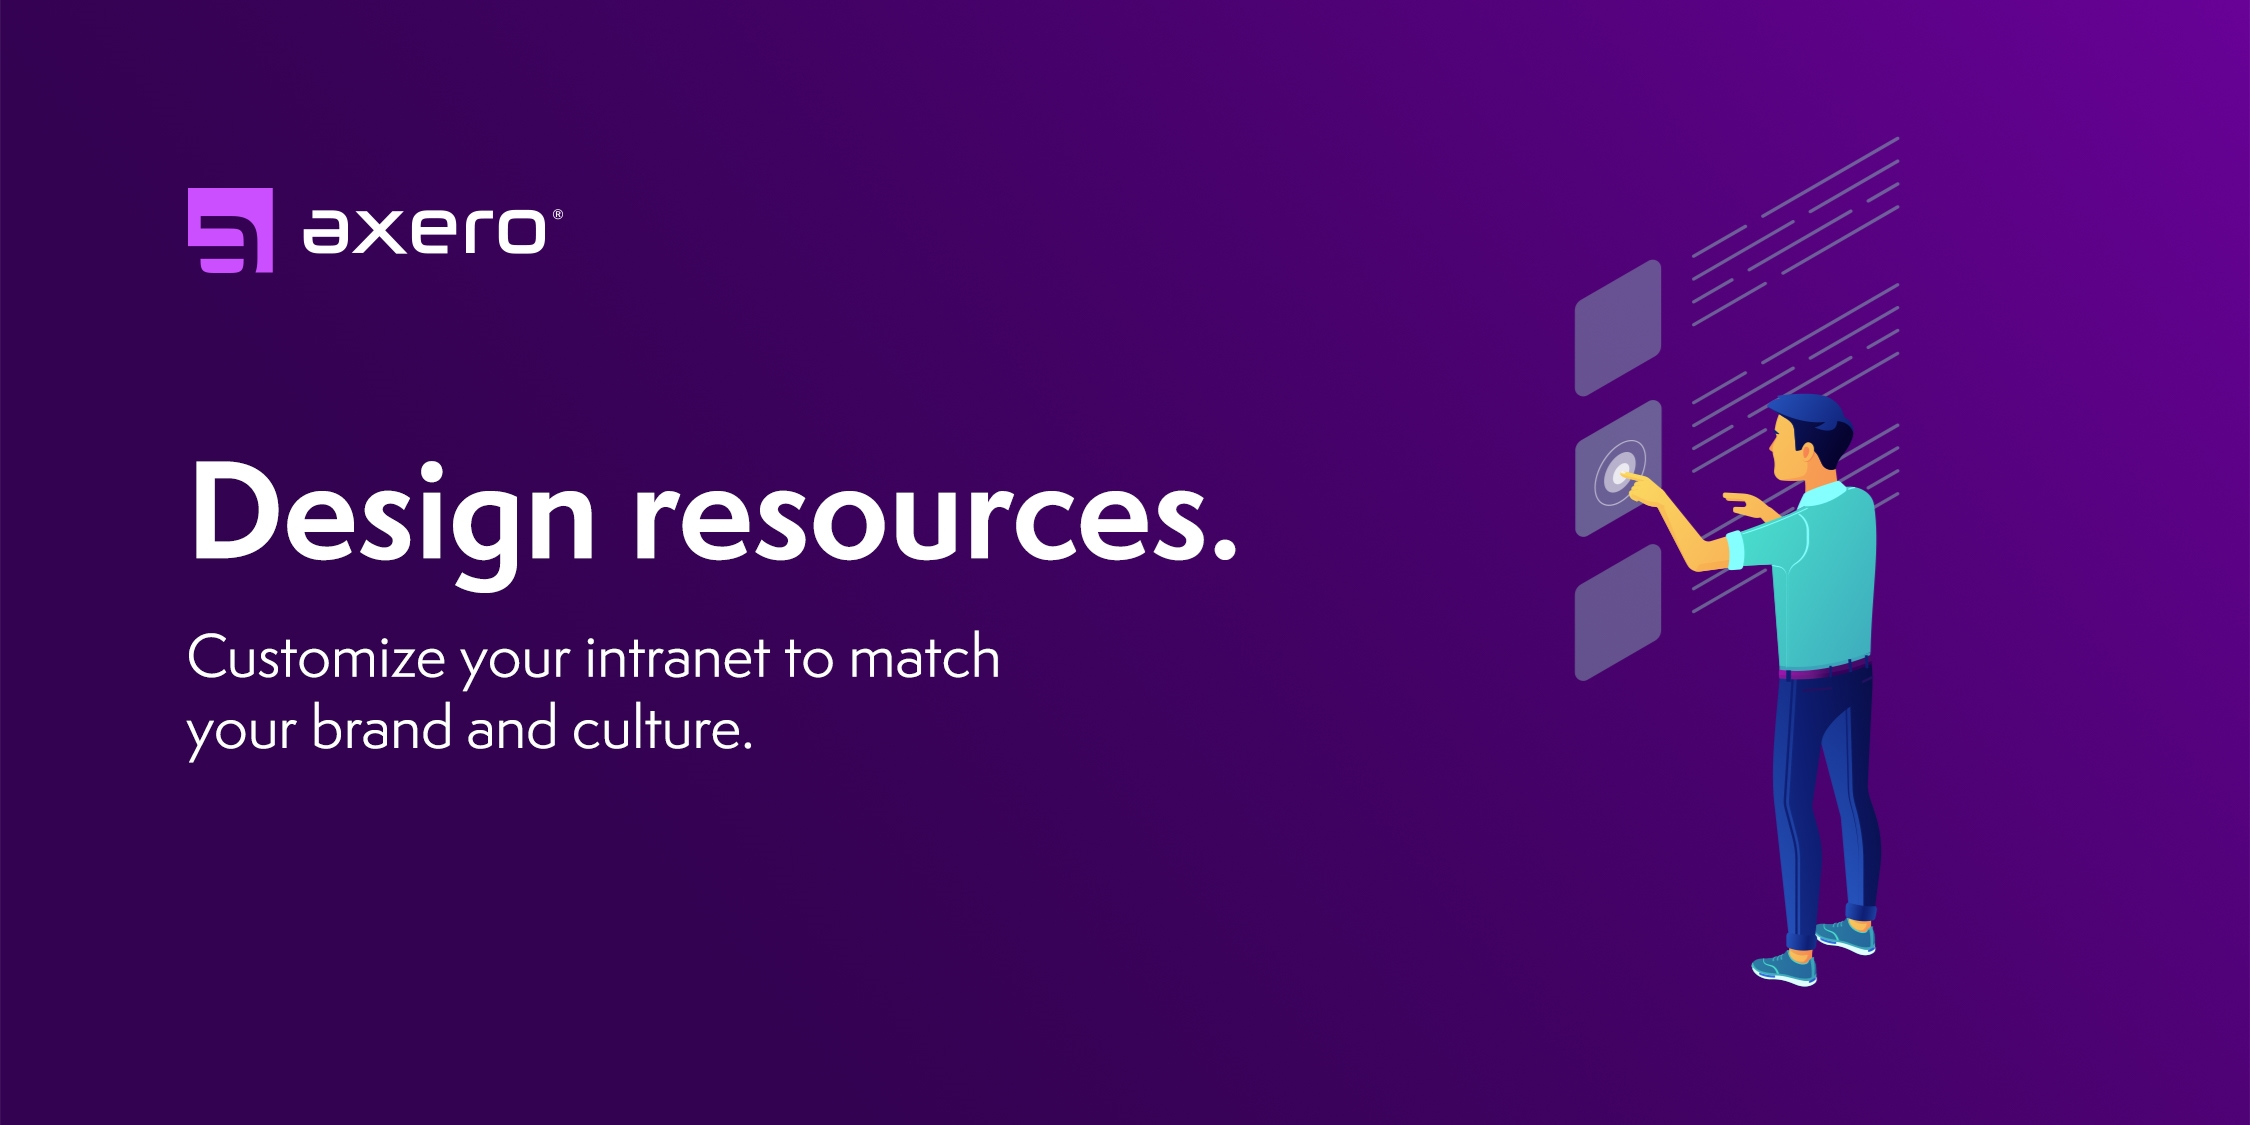 Axero design resources